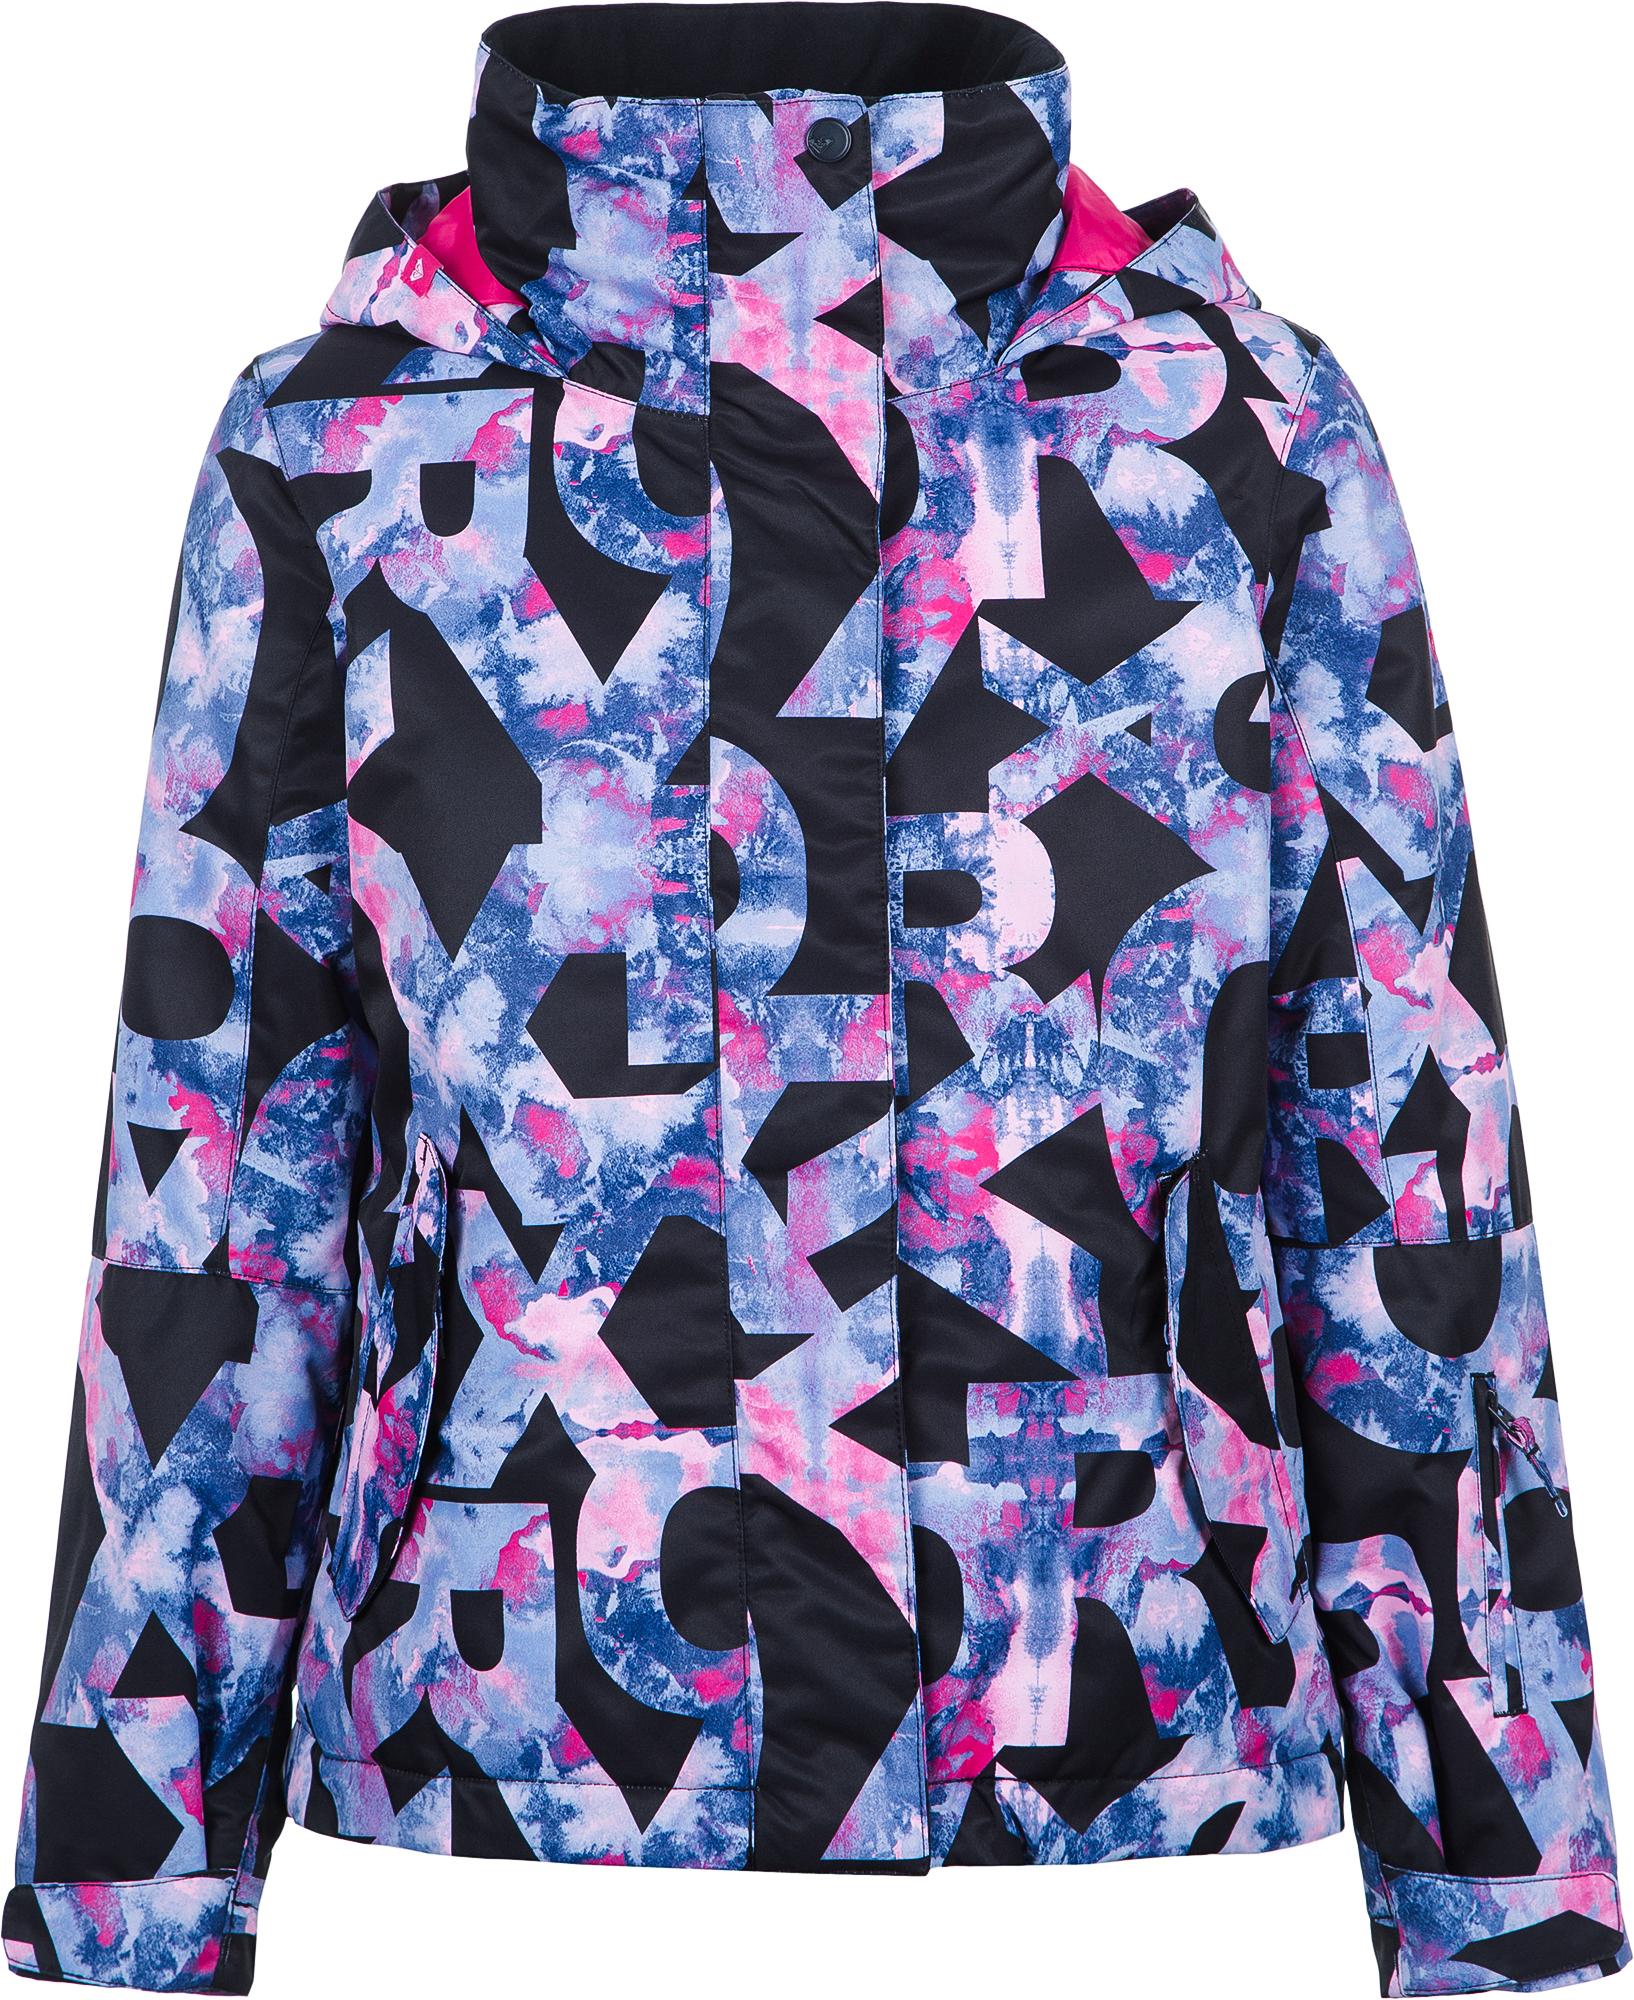 Roxy Куртка утепленная для девочек Roxy Jetty Girl, размер 164-170 roxy куртка женская roxy jetty размер 46 48